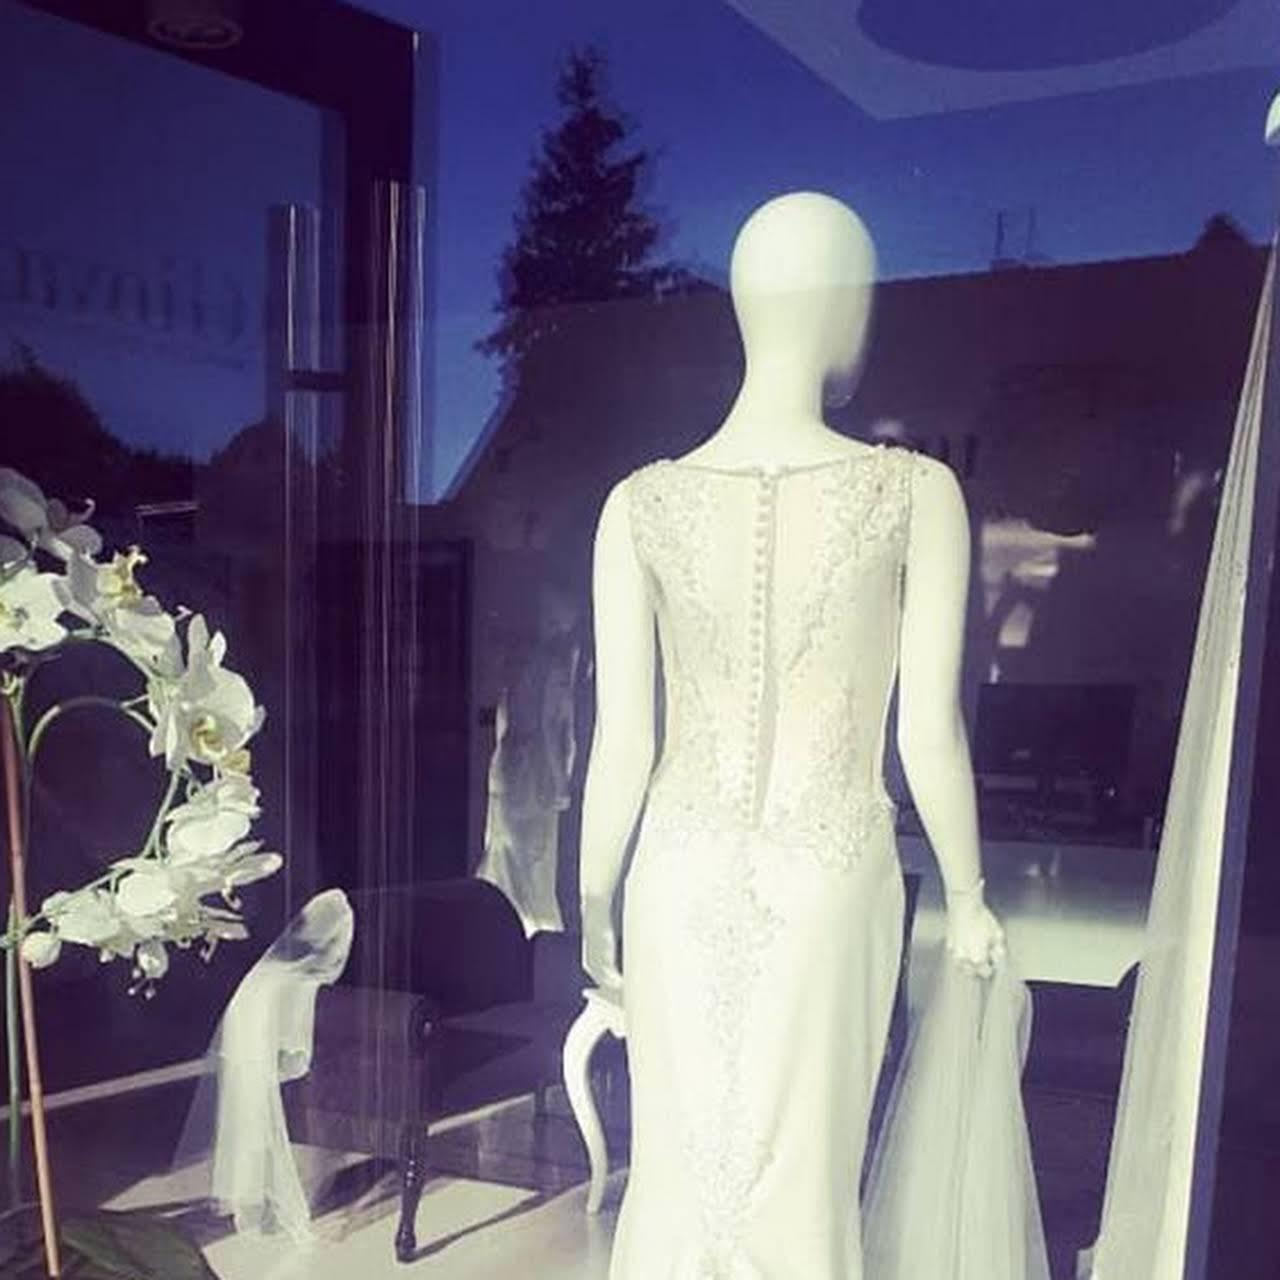 eb338fb206 GIOVANNA SPOSA Salon Włoskich Sukien Ślubnych - Suknie Ślubne w ...